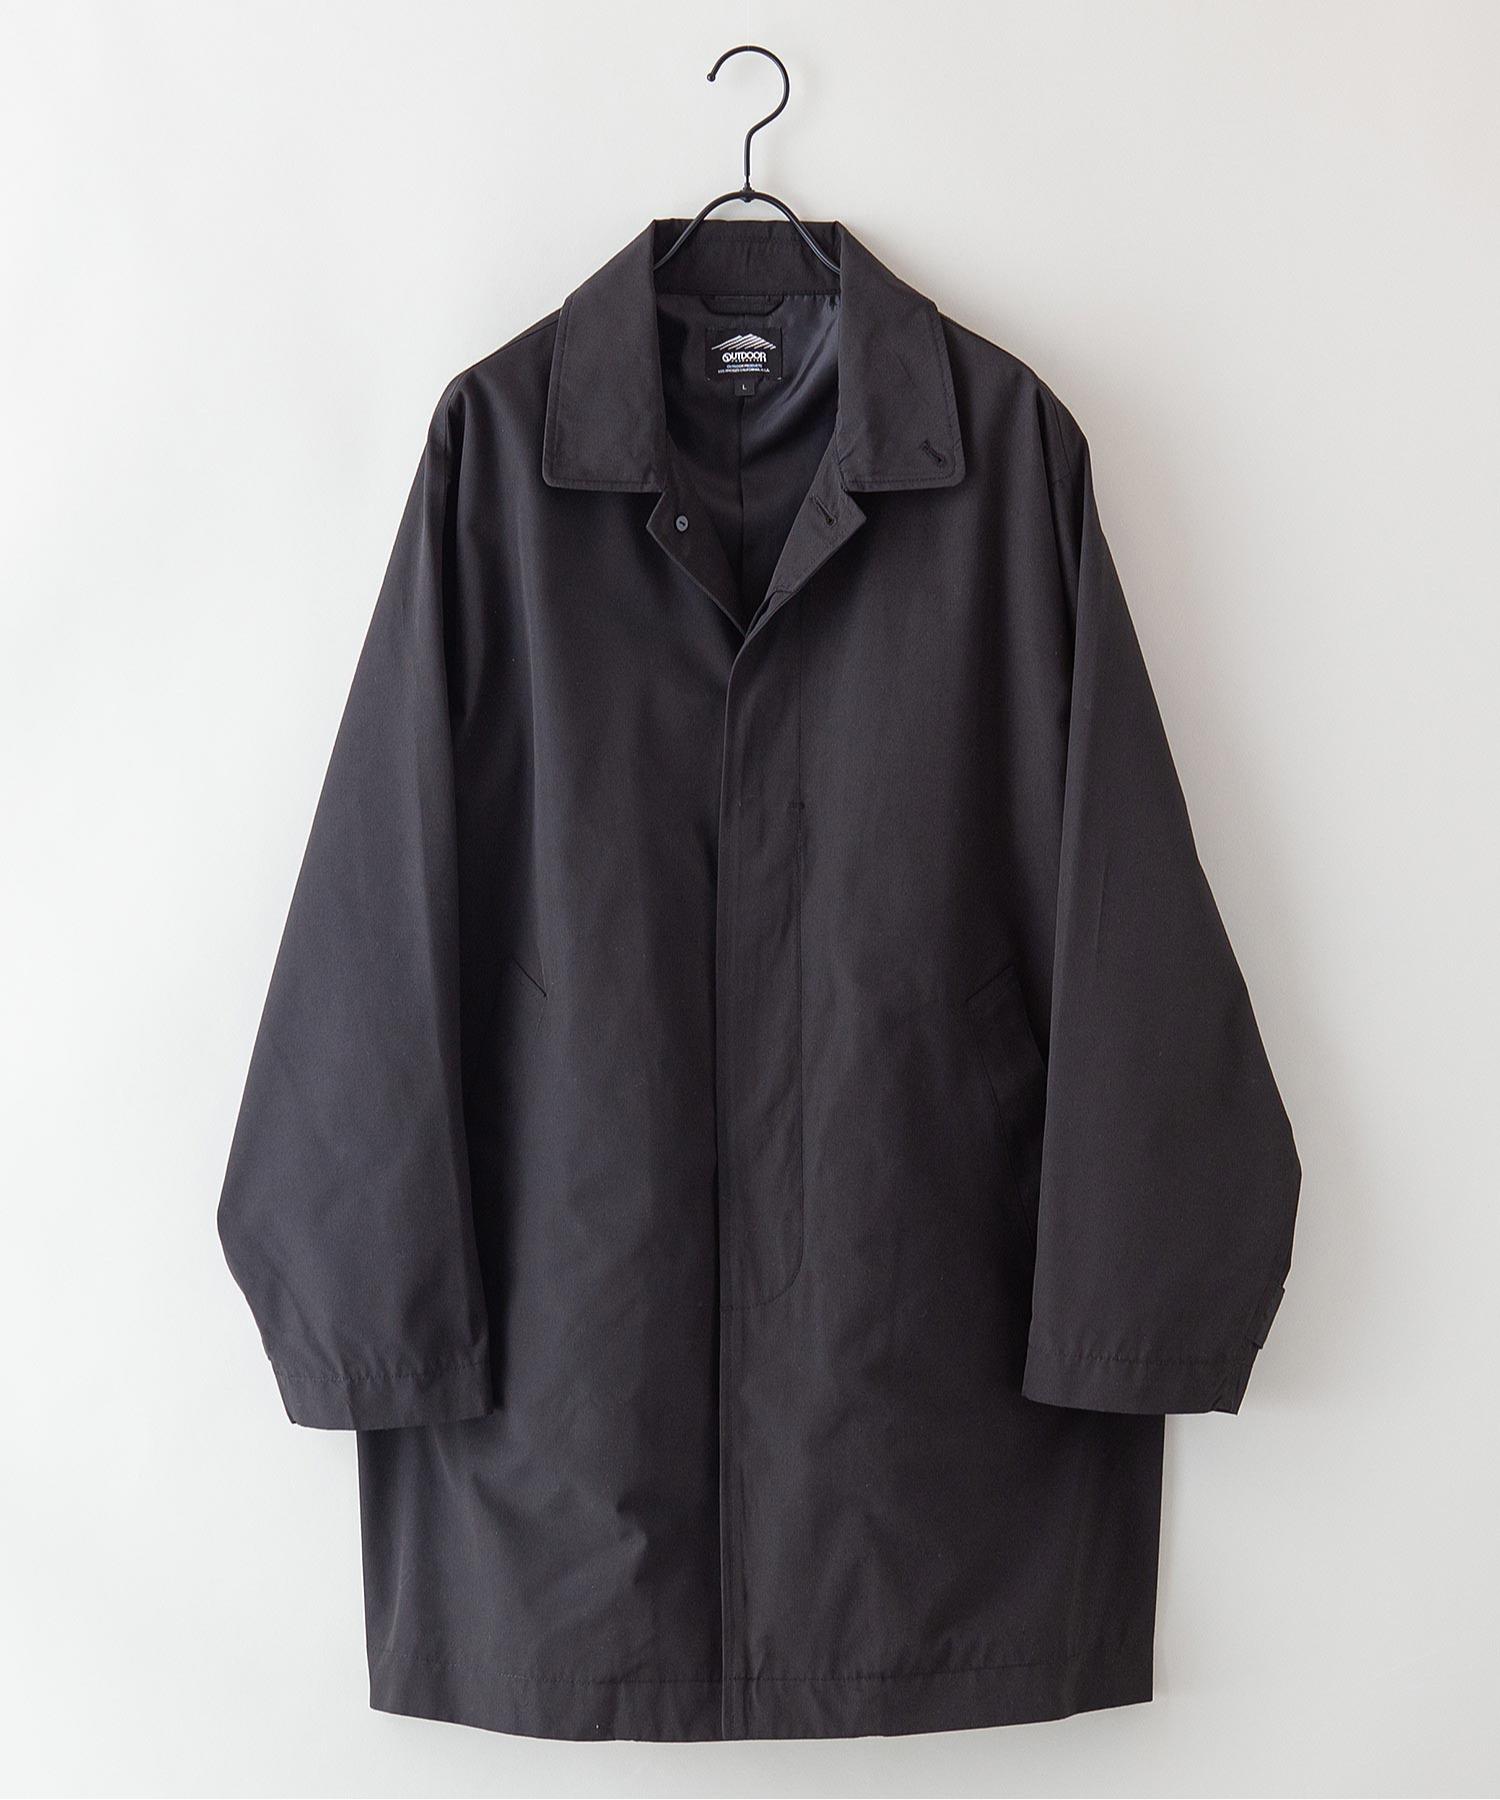 【着るバッグシリーズ】7ポケットステンカラーコート ビジネスシーンにもおすすめ 襟裏ワンポイントブランドロゴ